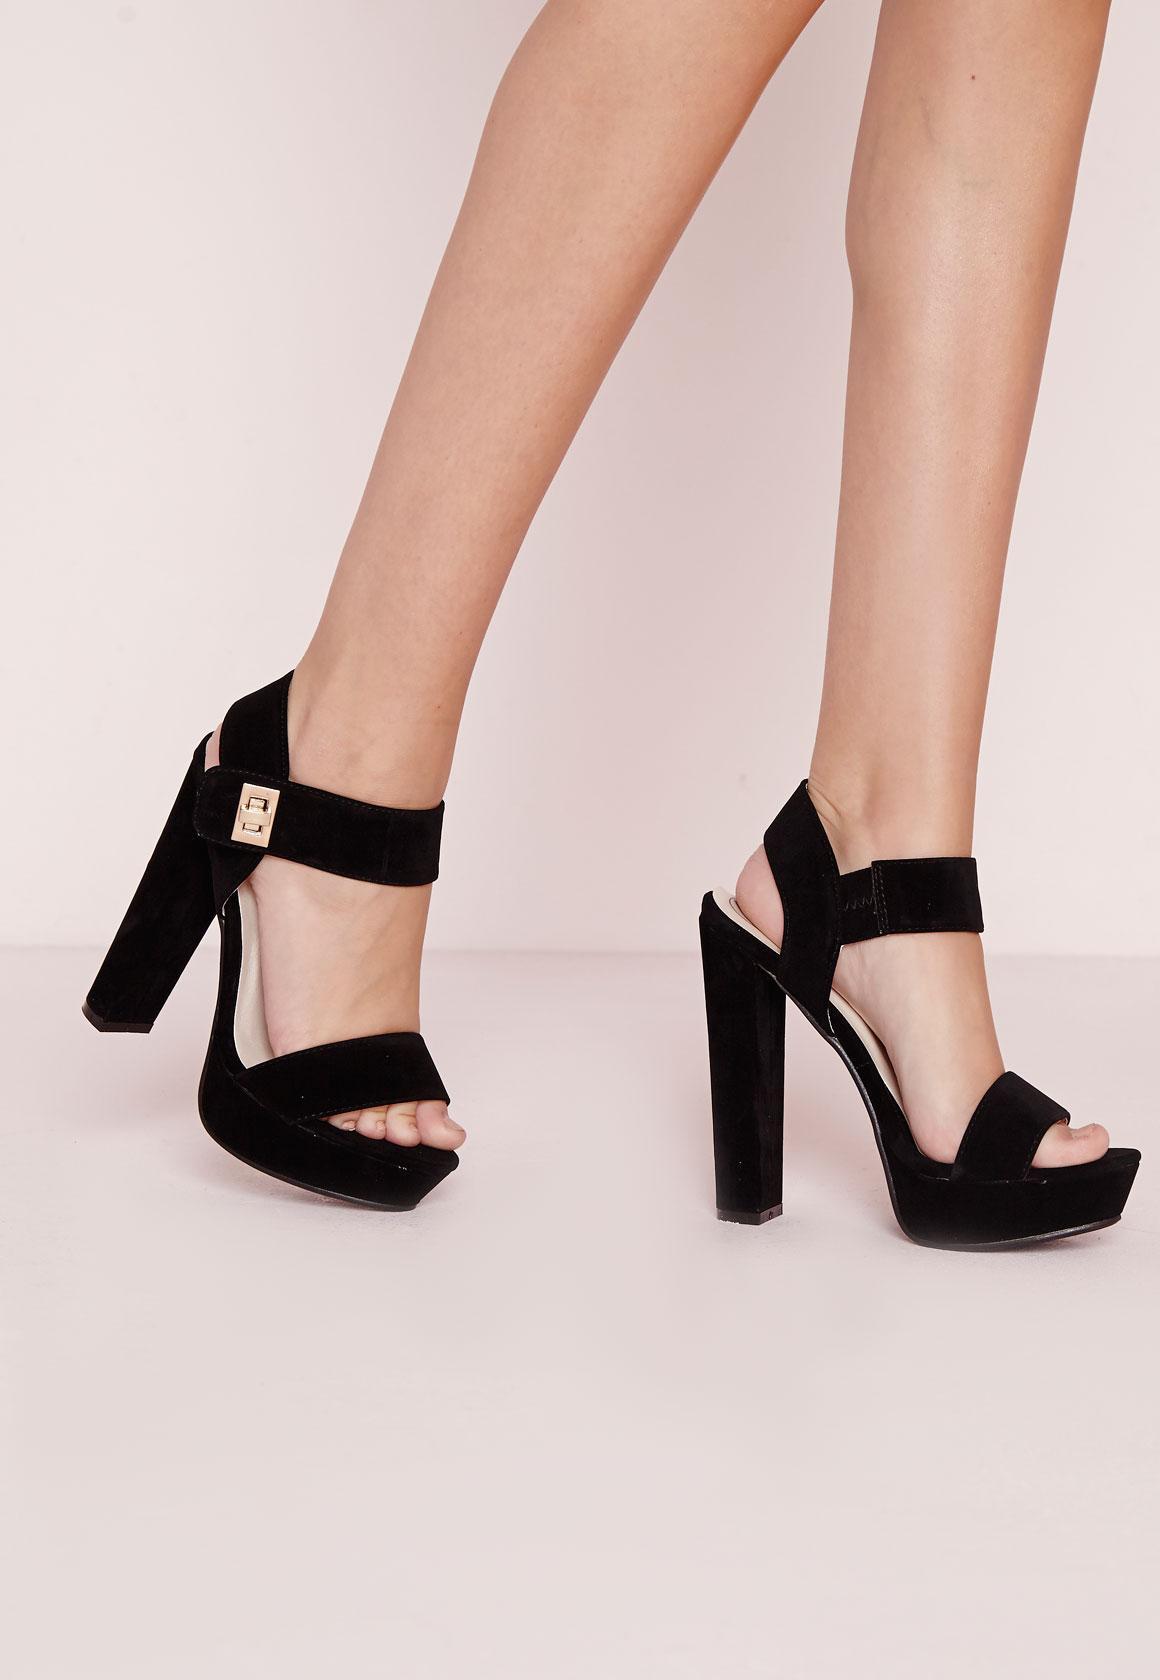 70's Platform Sandal Black - Shoes - High Heels - Platform Heels ...